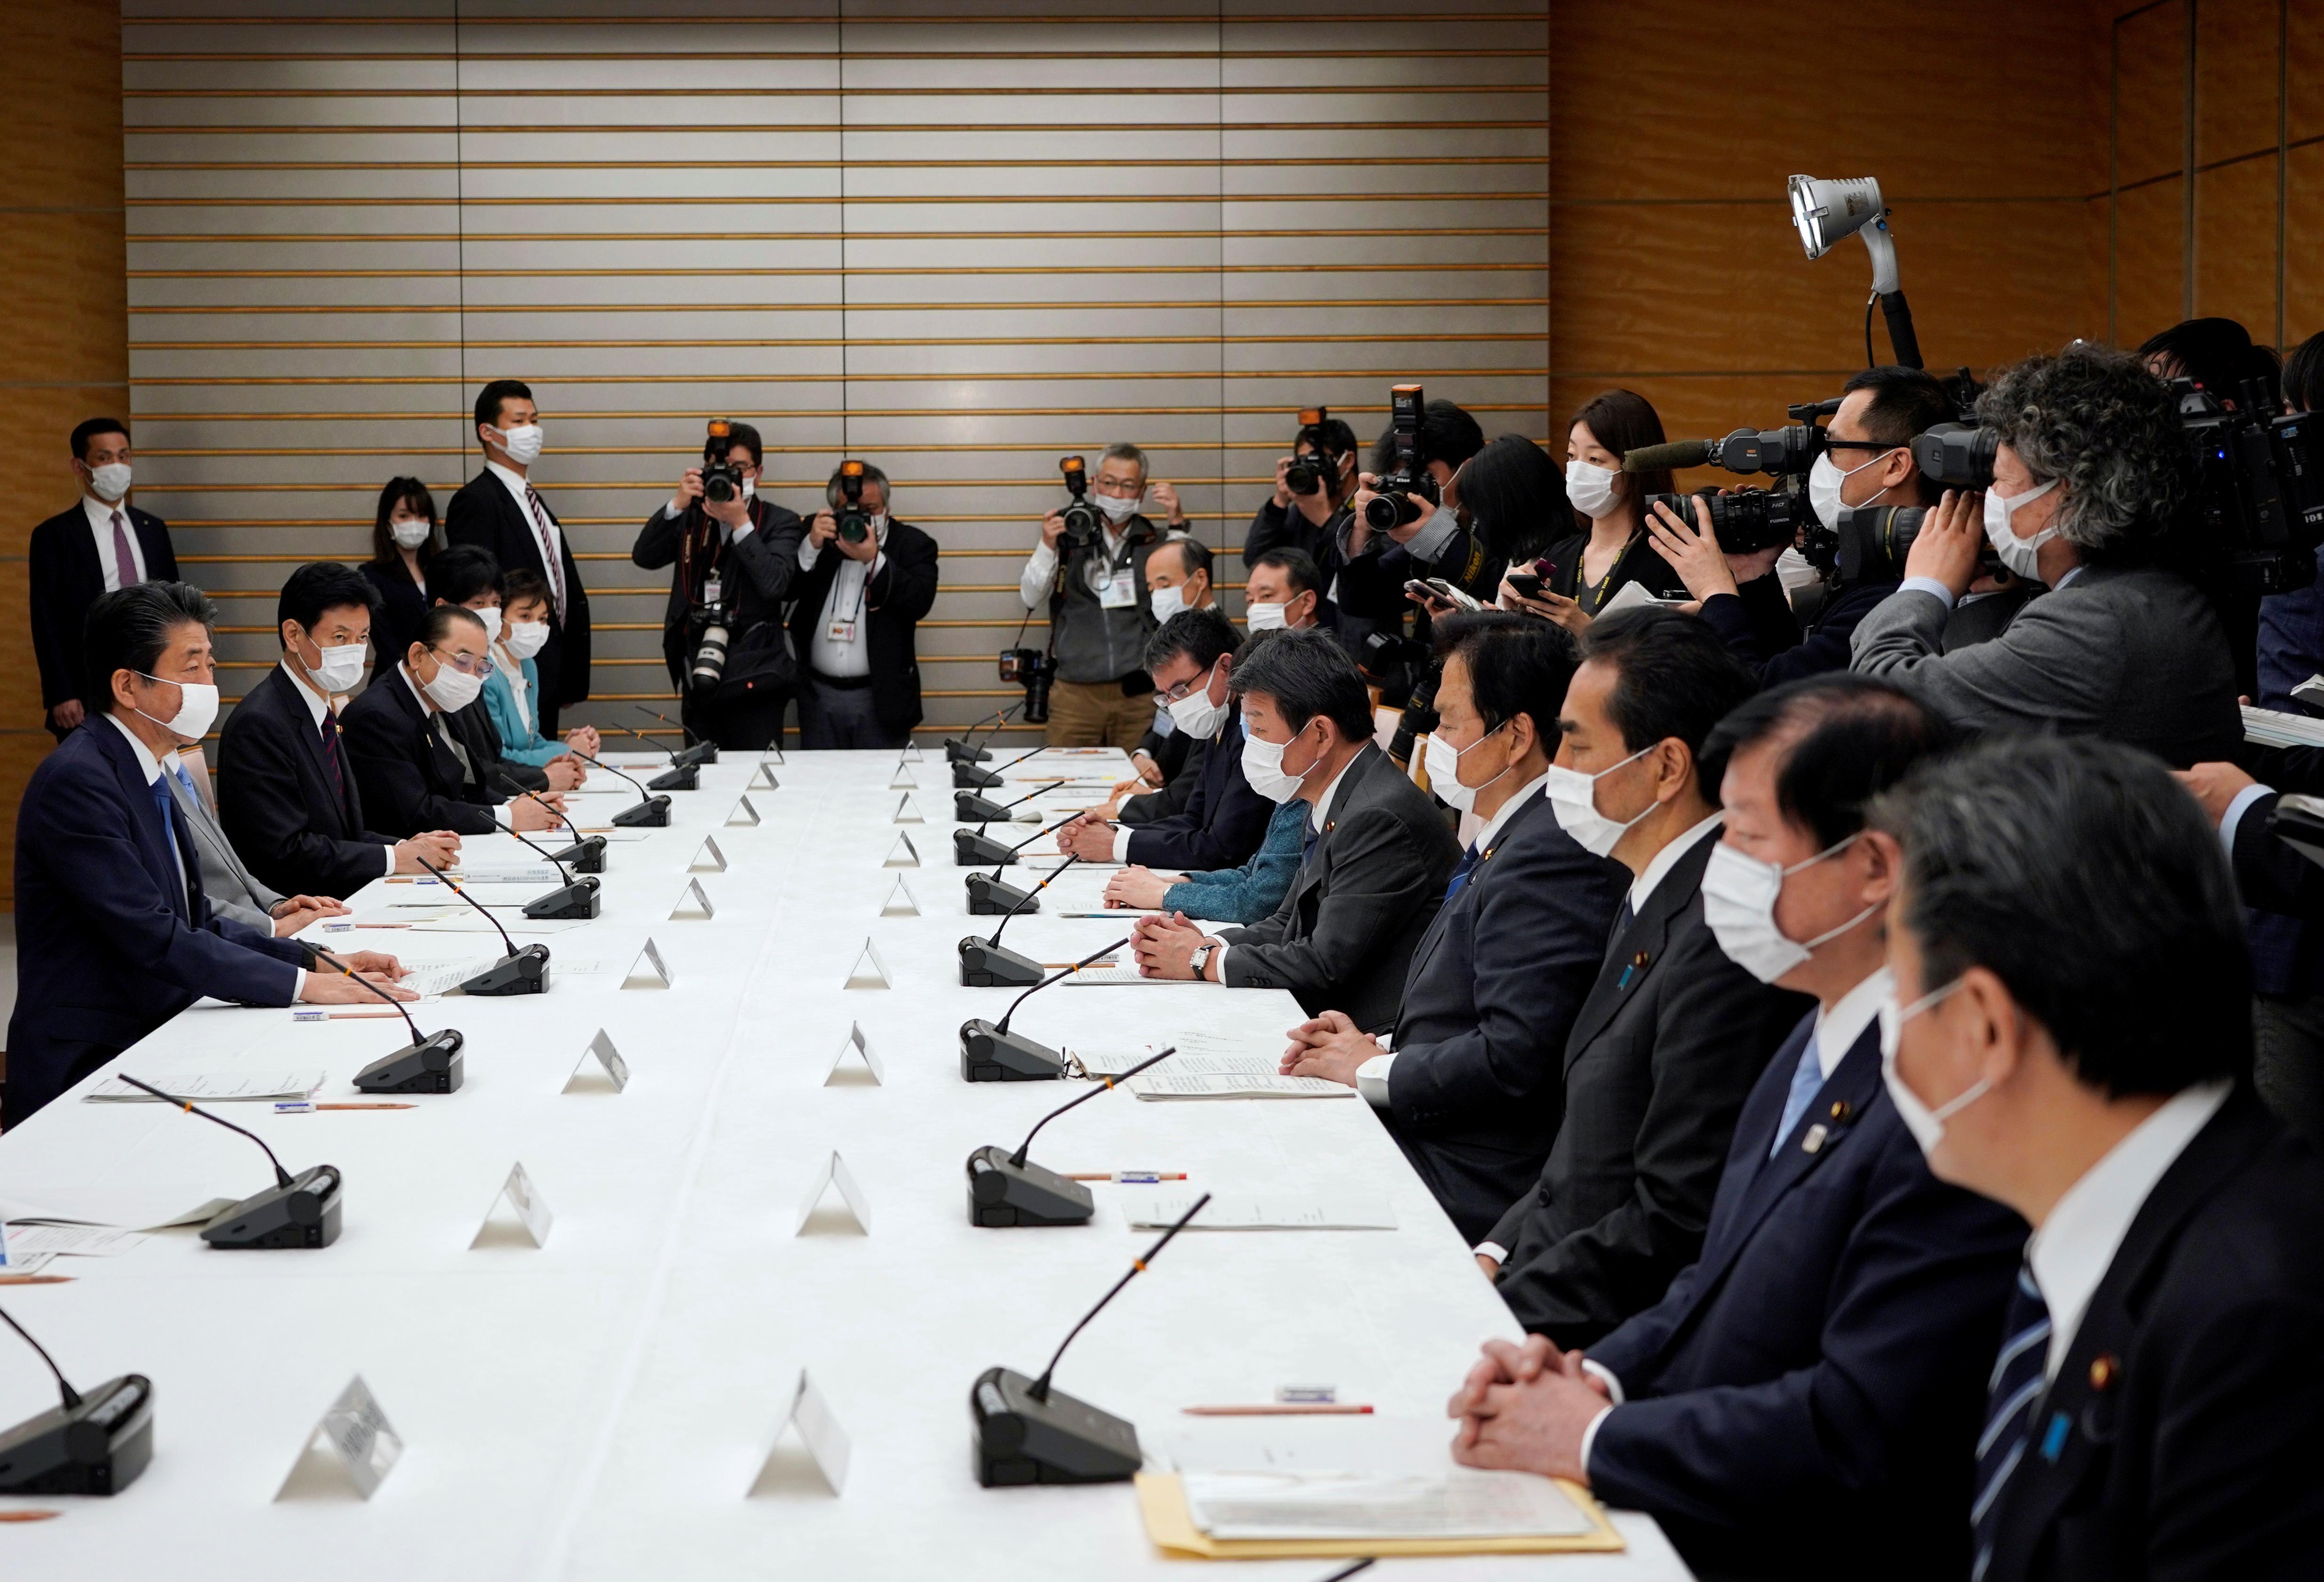 Le Japon va déclarer l'urgence du coronavirus et lancer un plan de relance de 990 milliards de dollars: PM